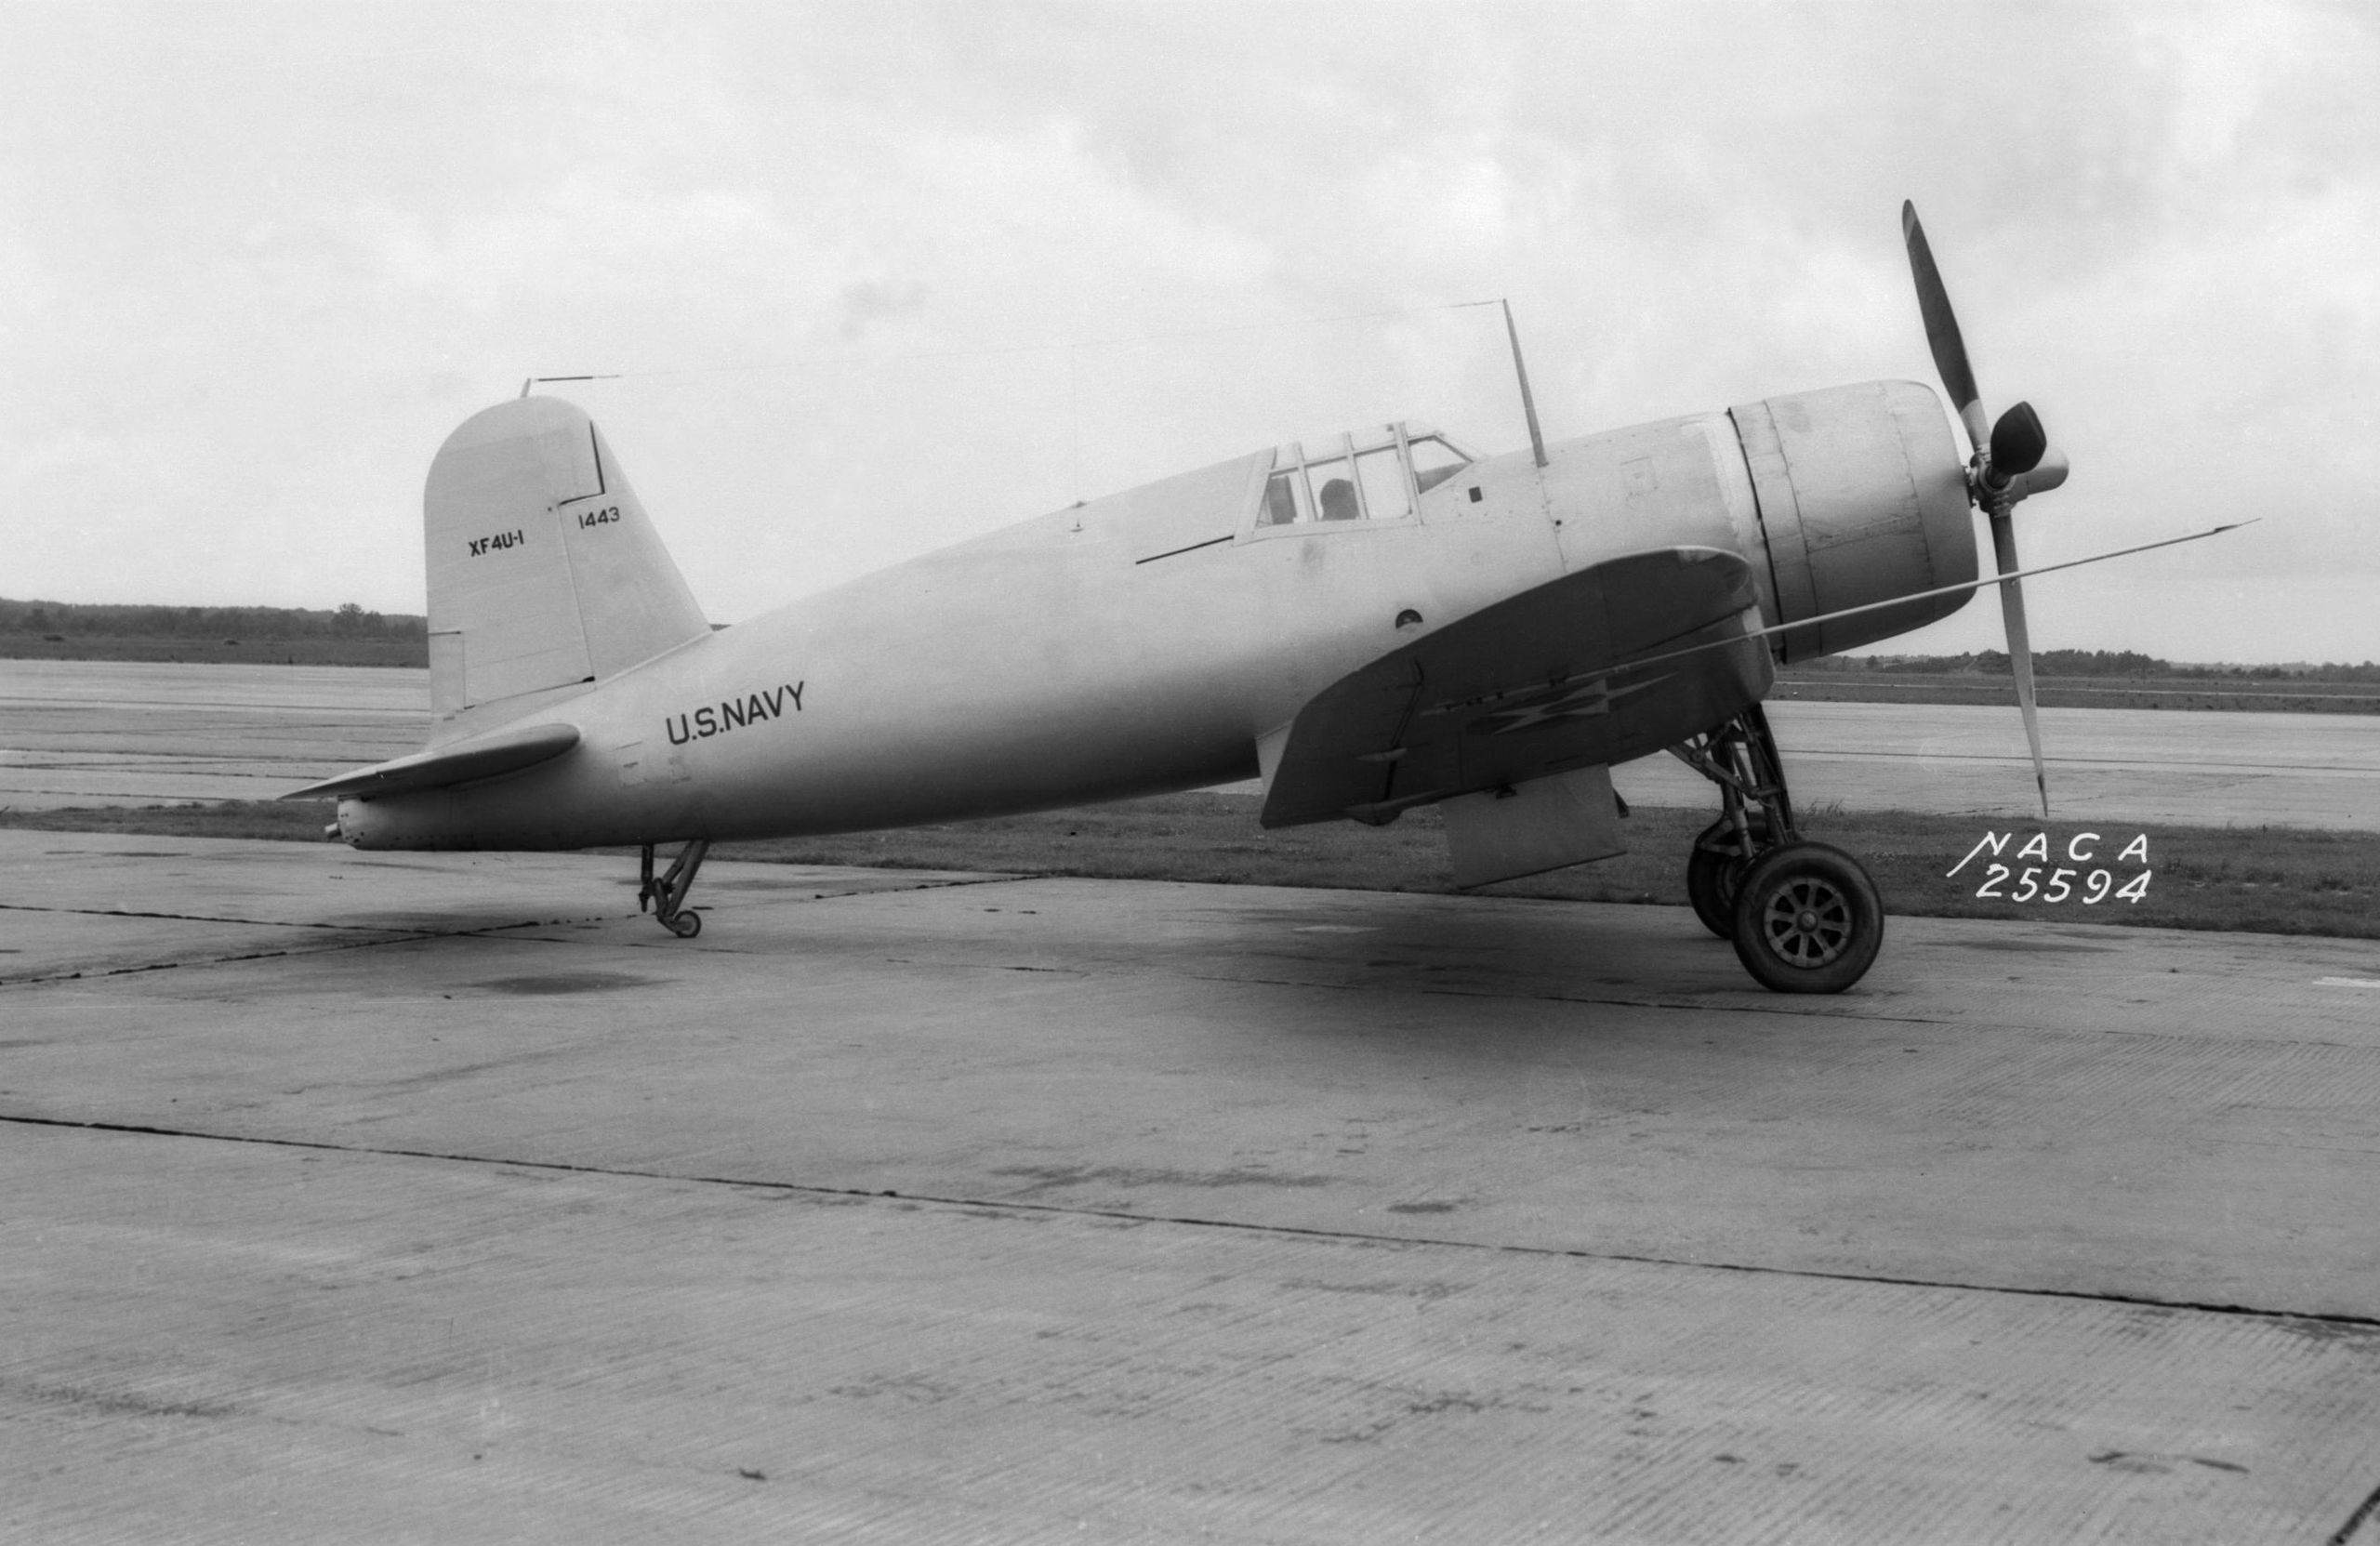 XF4U 1 NACA 1940 - Le prototype XF4U-1 en 1940/41. Remarquez la position du cockpit bien plus avancée que sur le modèle final